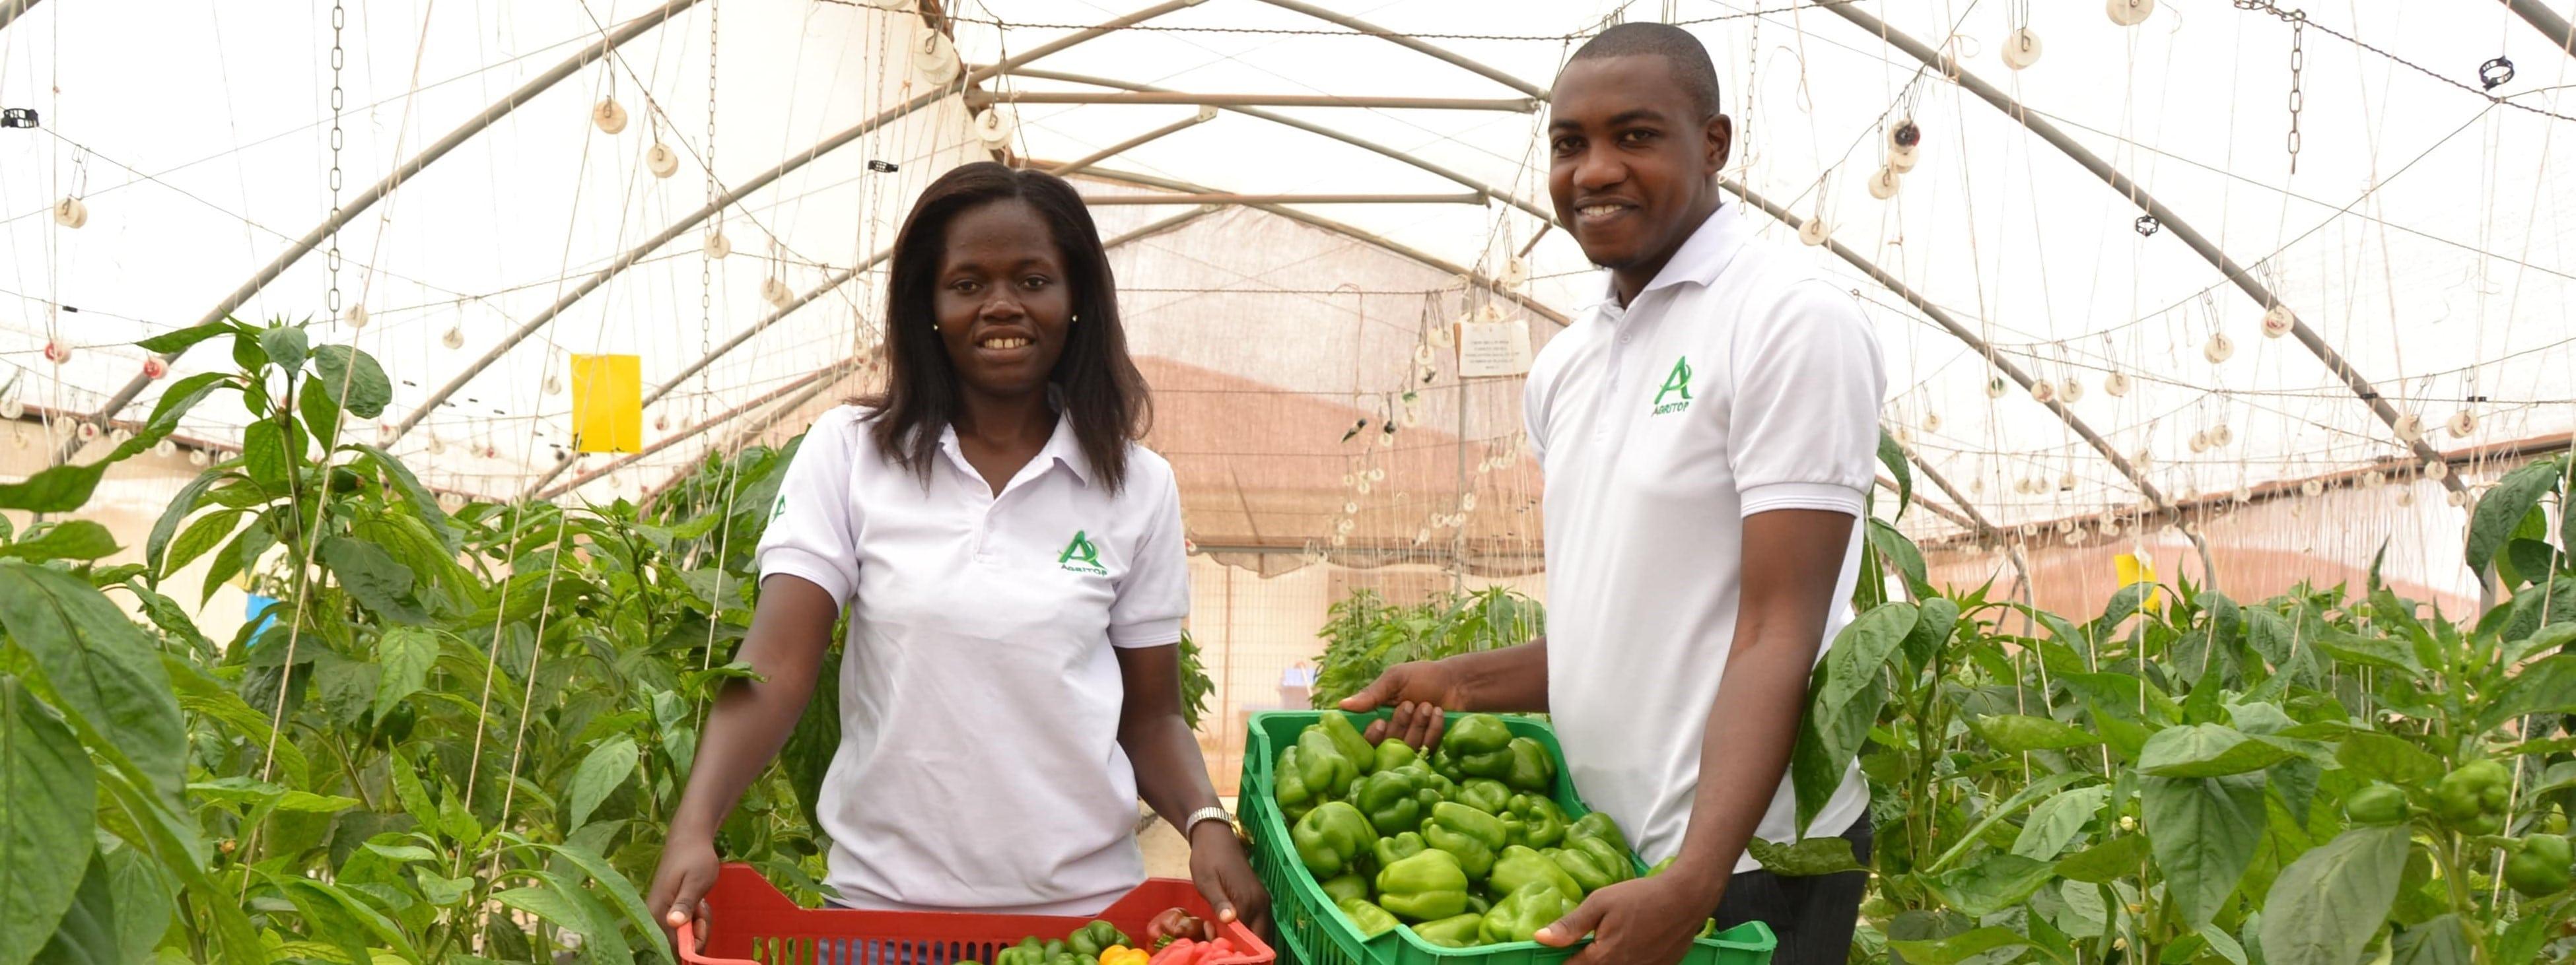 Değişen üretim, teknoloji ve coğrafi koşullar, çiftçileri sera yetiştiriciliği konusunda teşvik etmektedir.